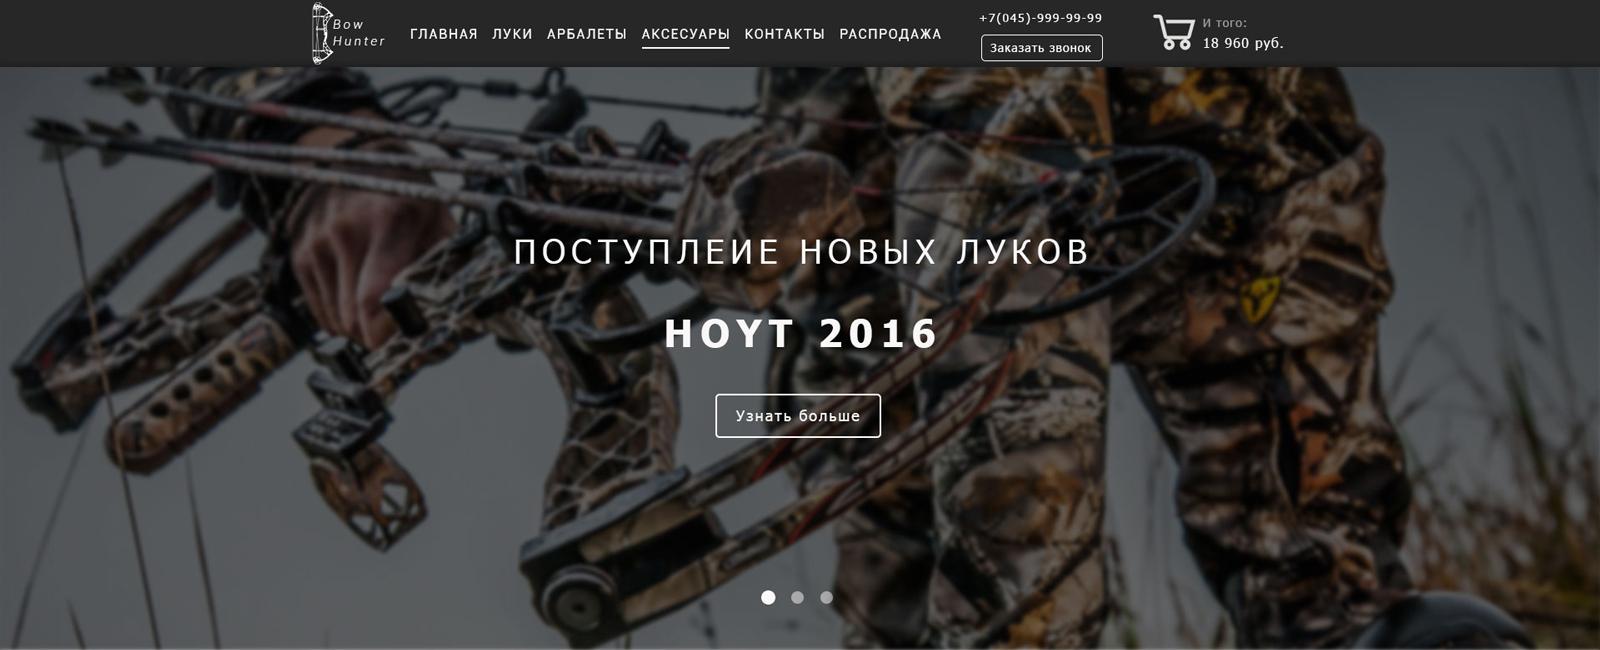 Интернет магазин луков